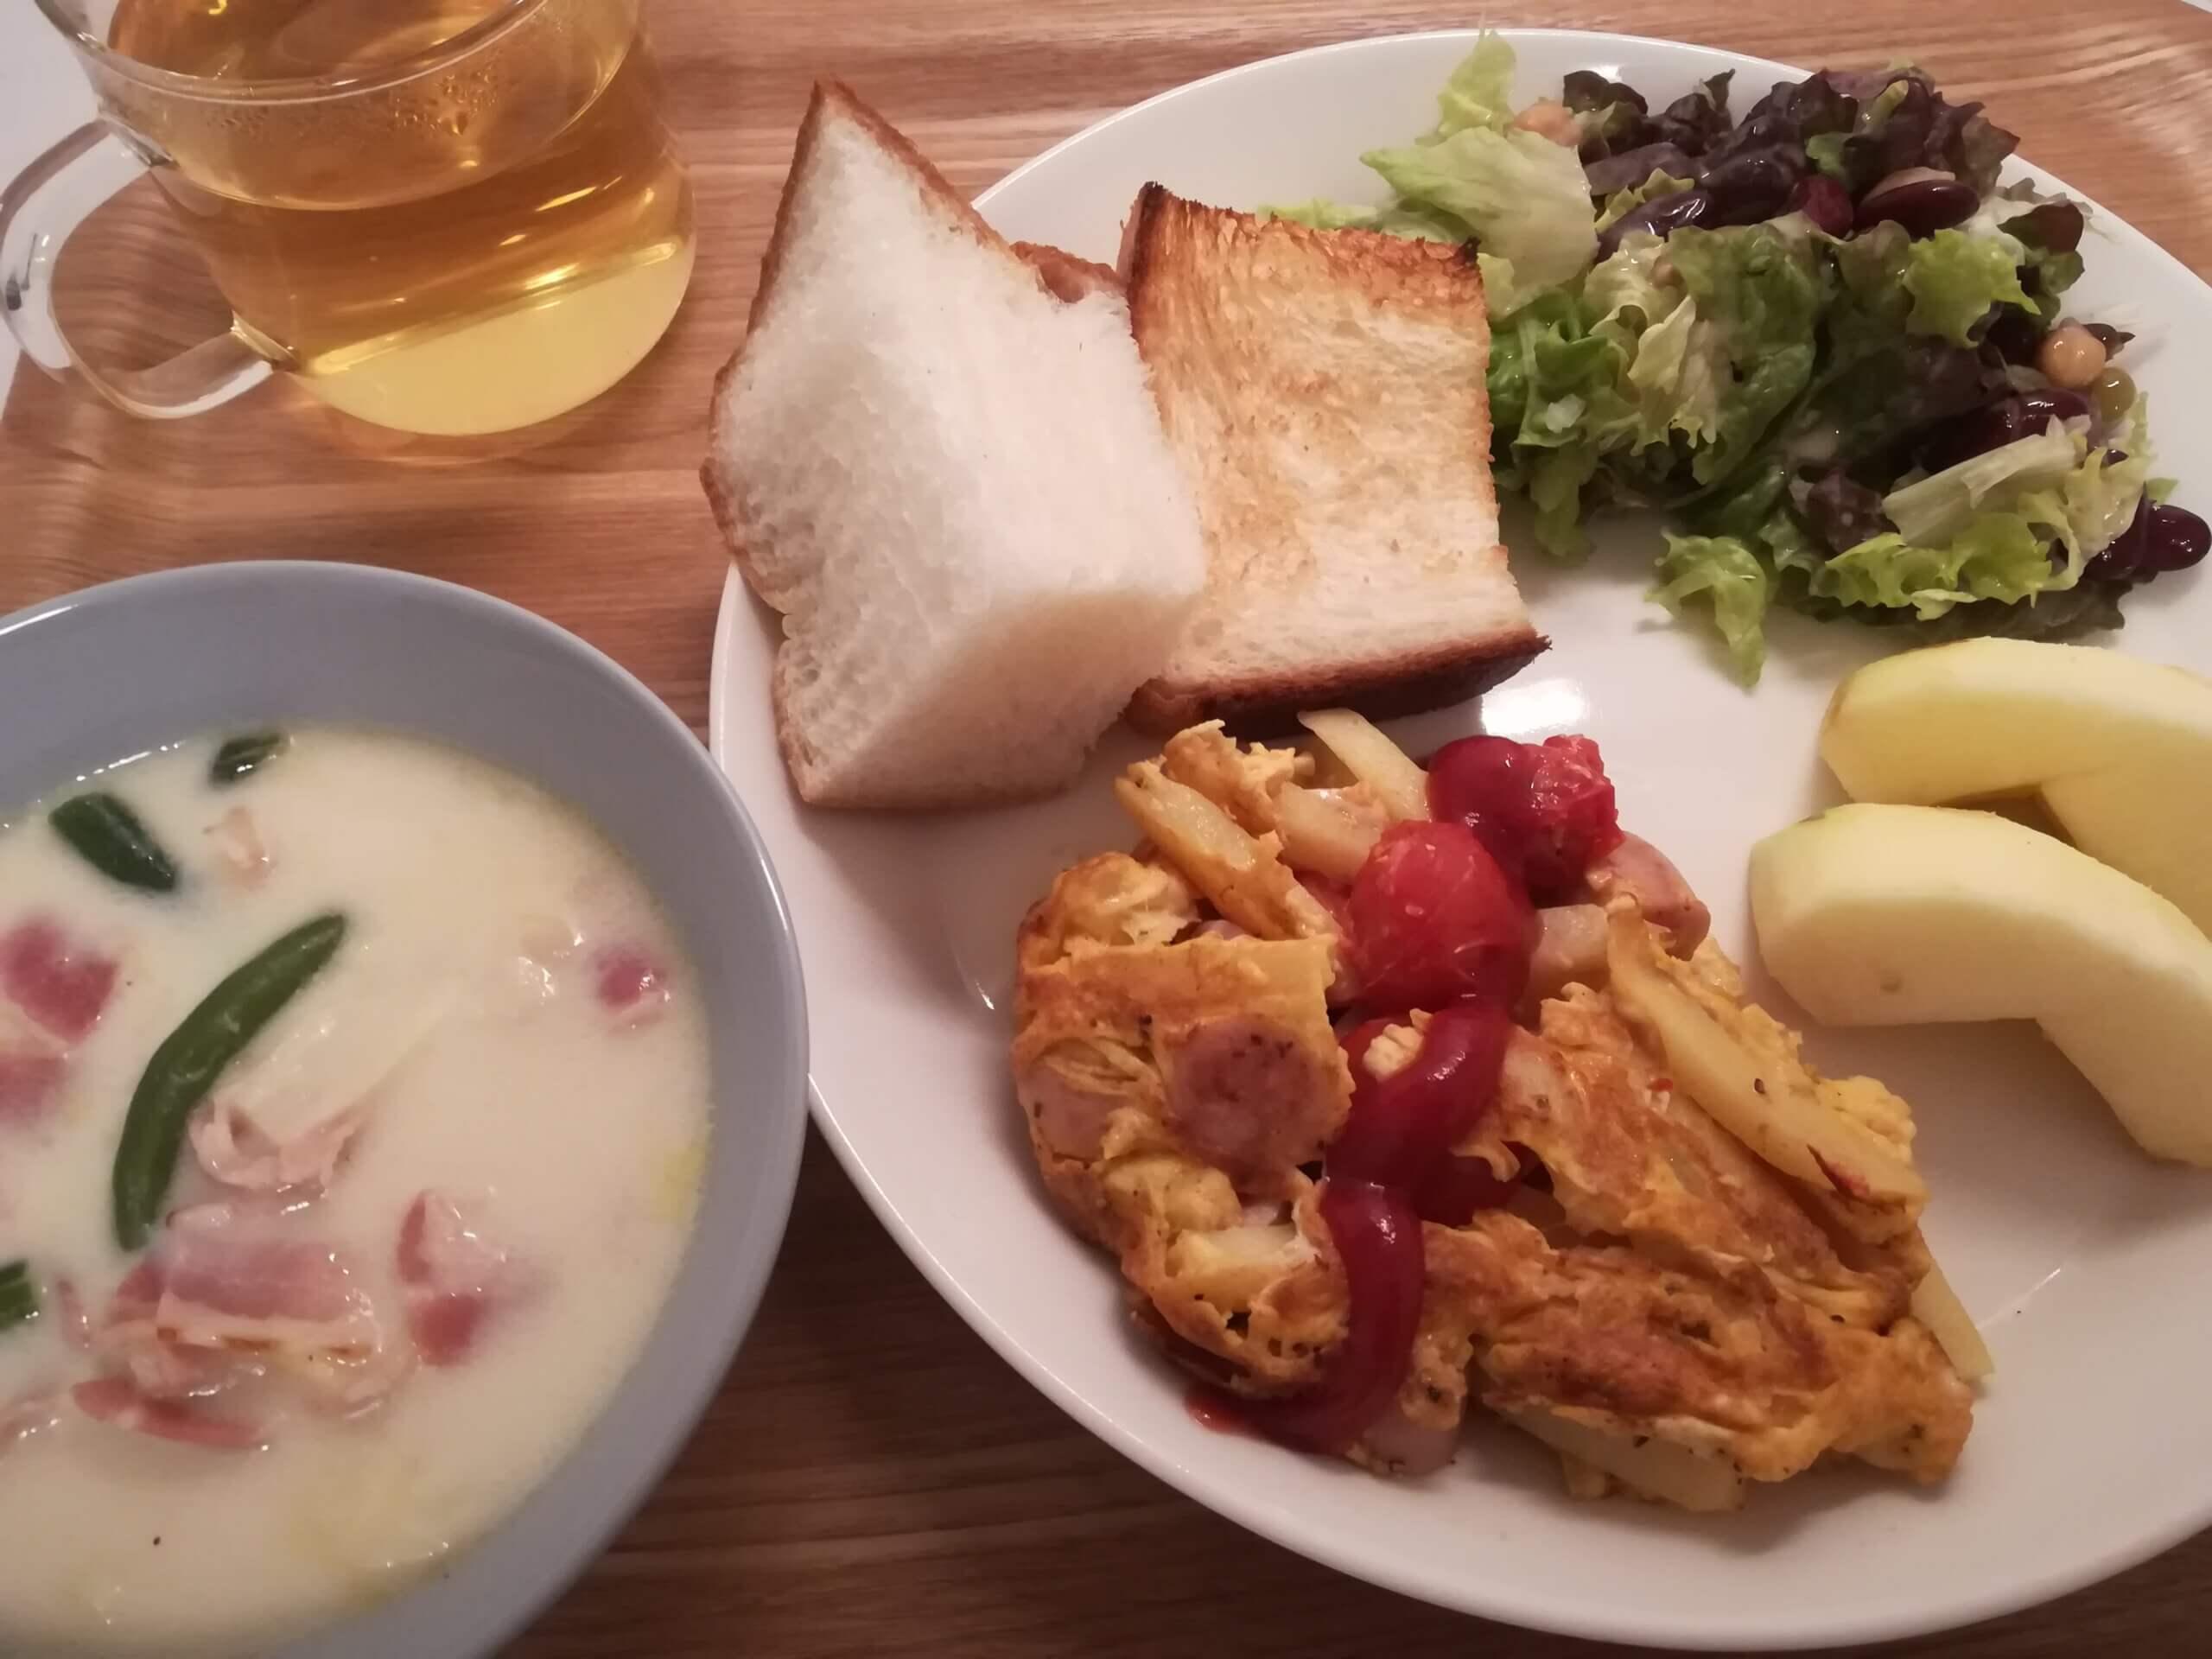 リンゴトースト/夜ごはんもパン【ベークハウスメールの食パン】